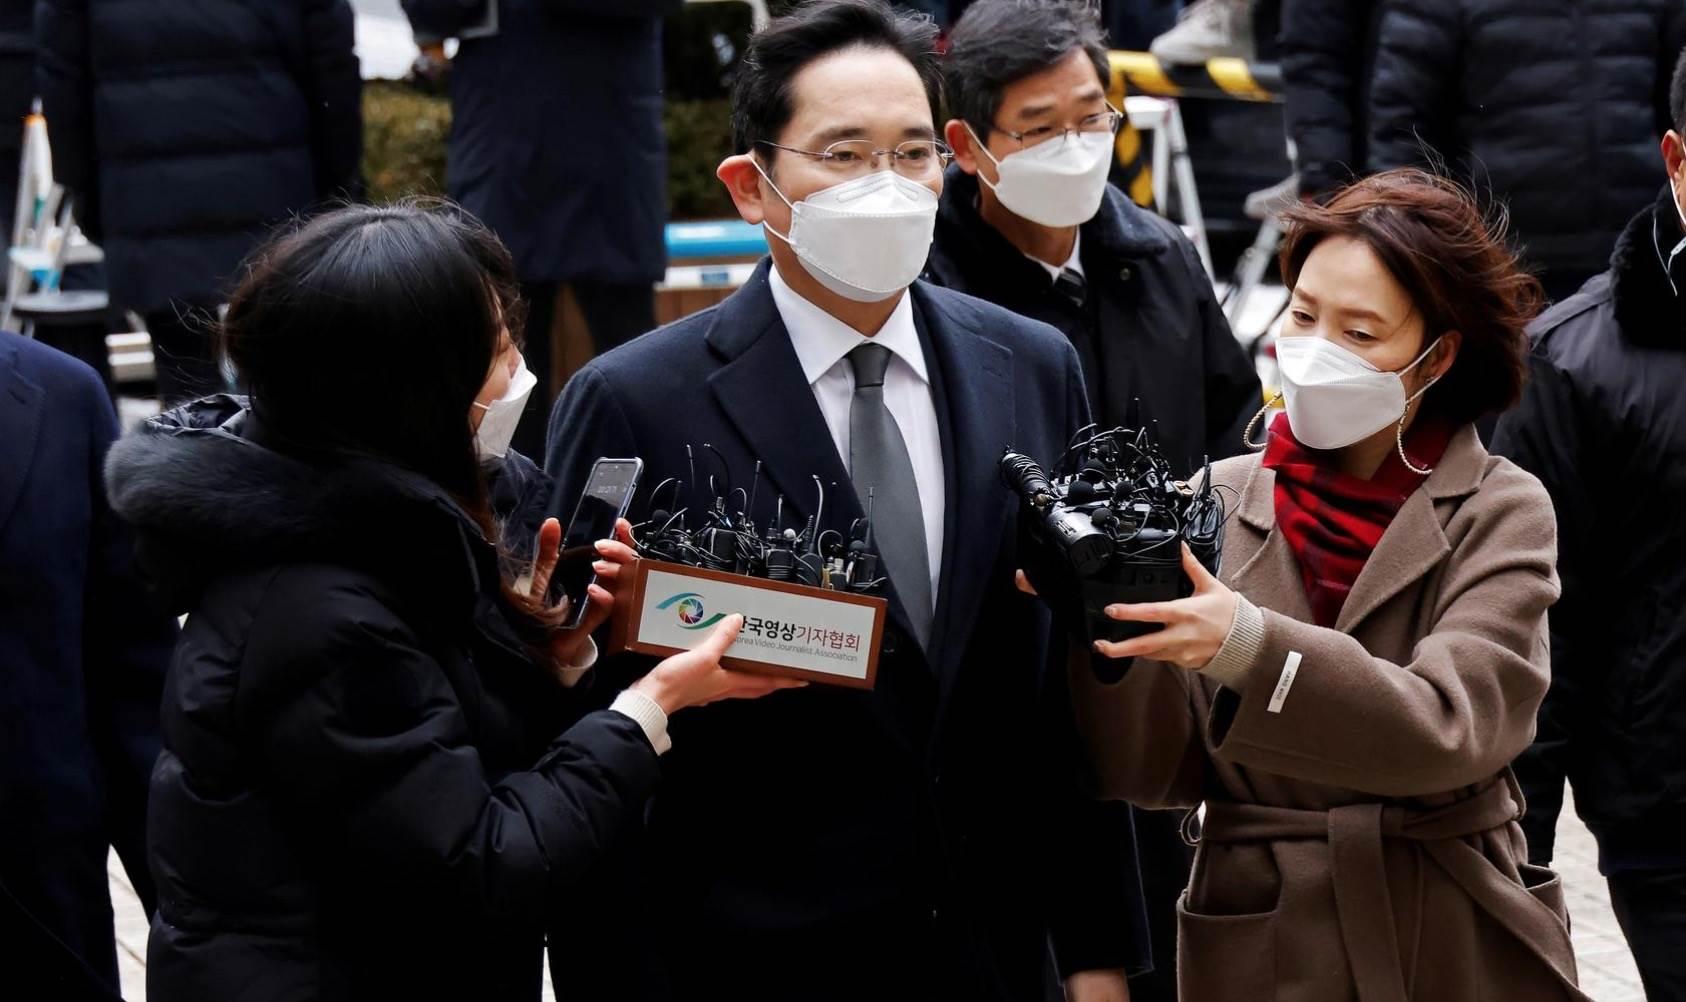 Wiceprezes Samsunga skazany na 2,5 roku więzienia polecane, ciekawostki więzienie, skazany, Samsung, Lee Jae Young  Reuters donosi, że sąd w Seulu skazał wiceprezesa Samsung Electronics i szefa Samsung Group Lee Jae Younga na 2,5 roku więzienia. 1@2x 3